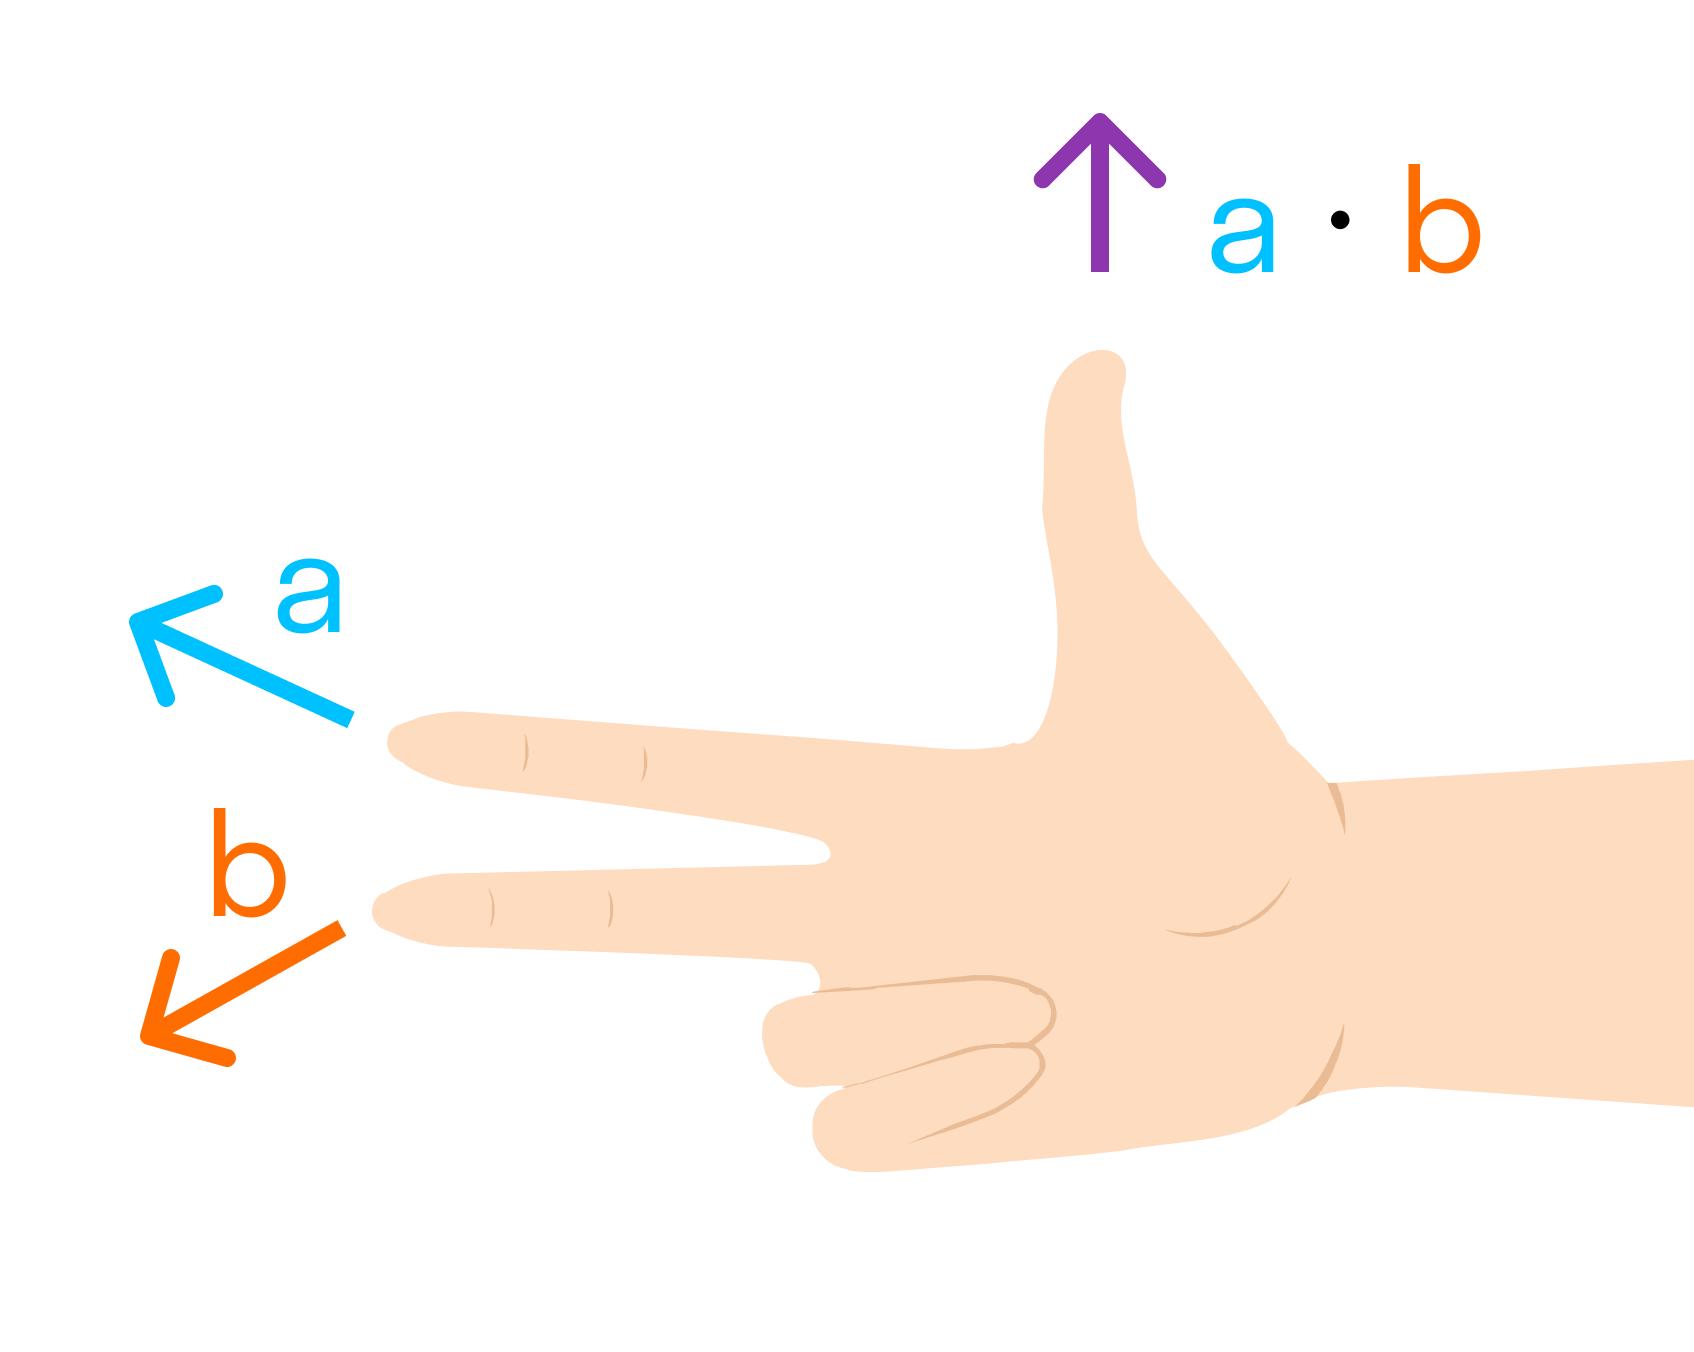 правая тройка векторов